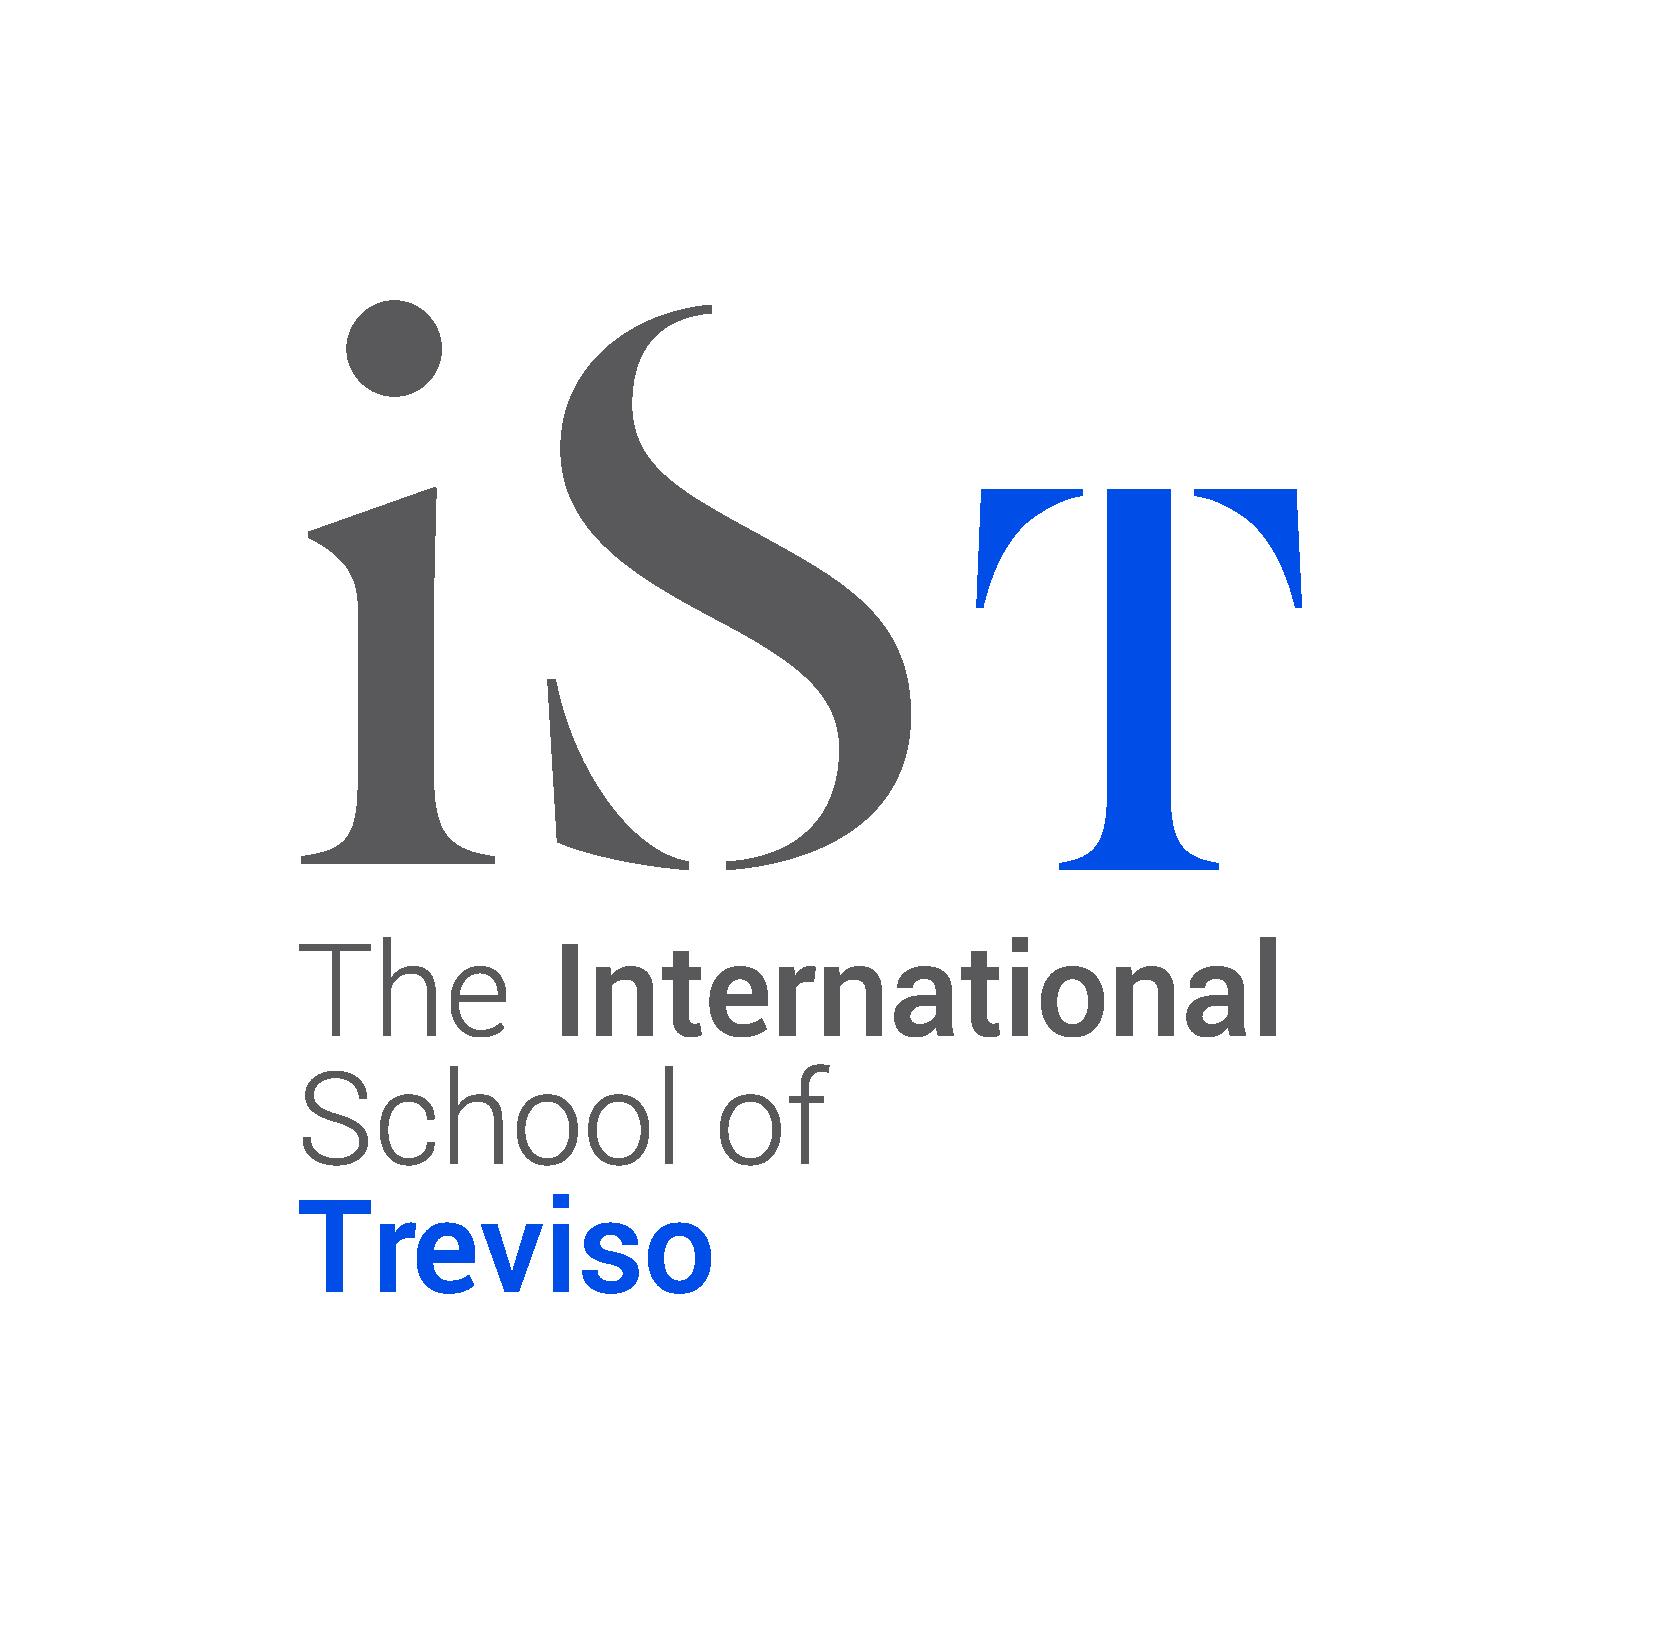 International School of Treviso